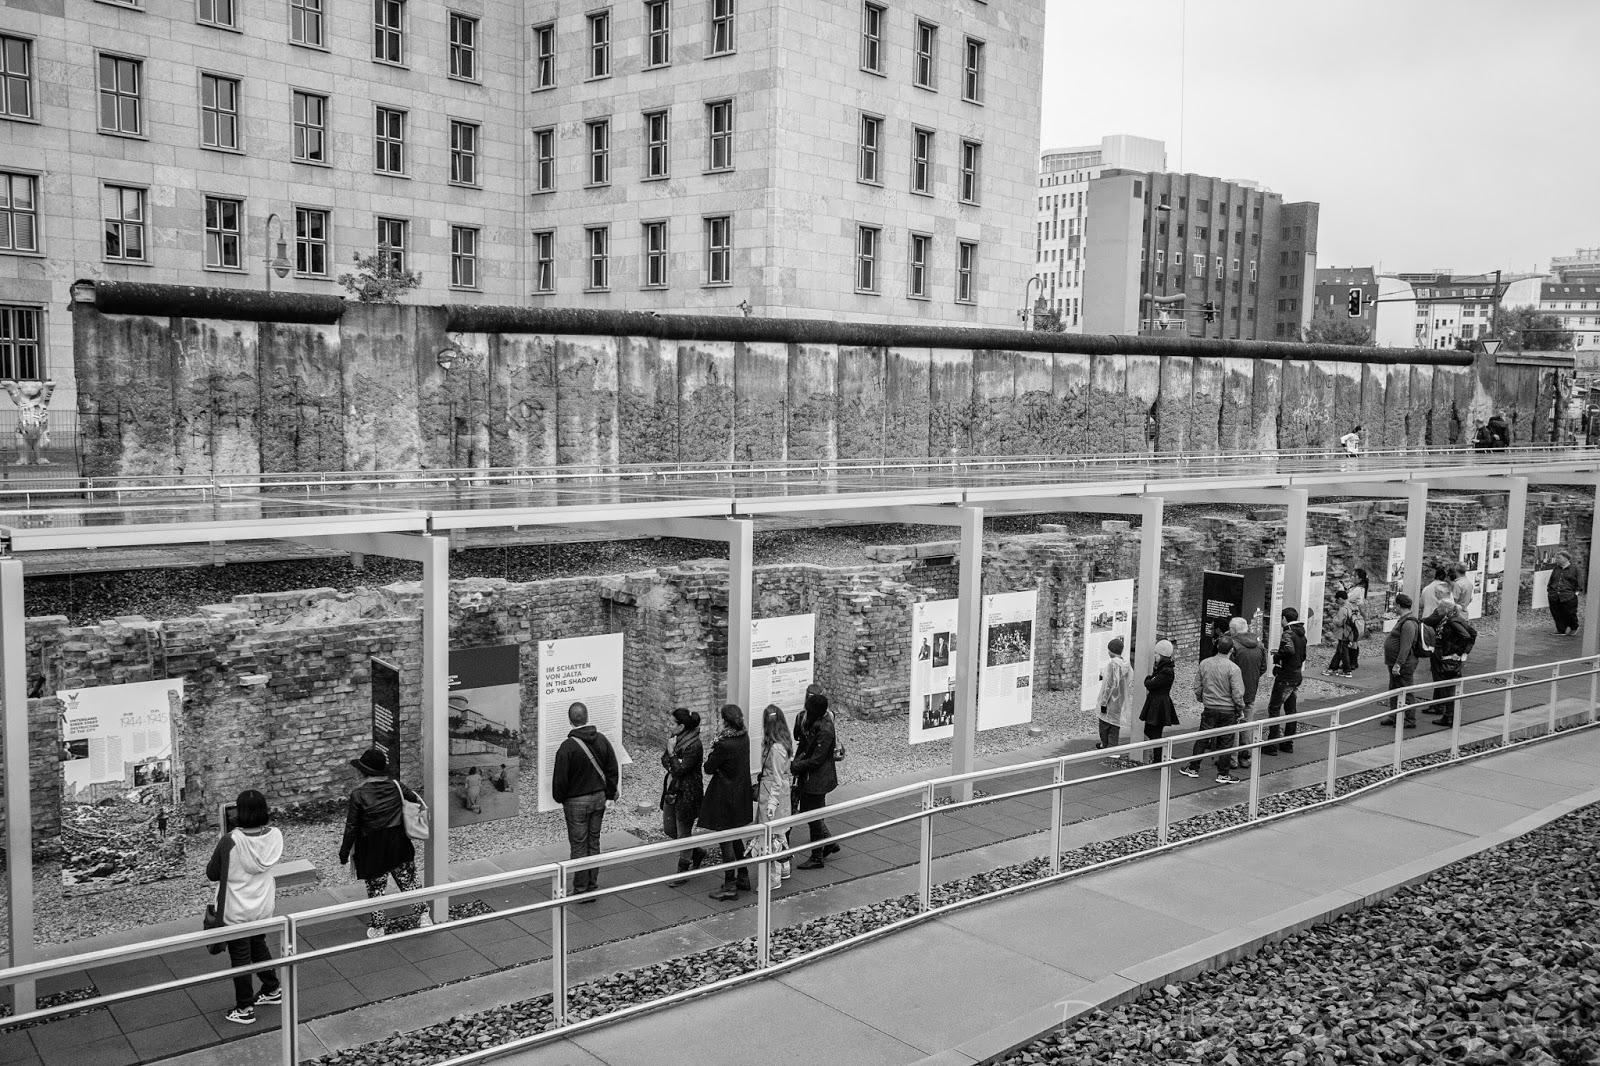 East Side Gallery, muro de Berlín, grafiti, graffity, pintura mural, Berlín, muro, topografía del terror, Stasi, SS, Berlin